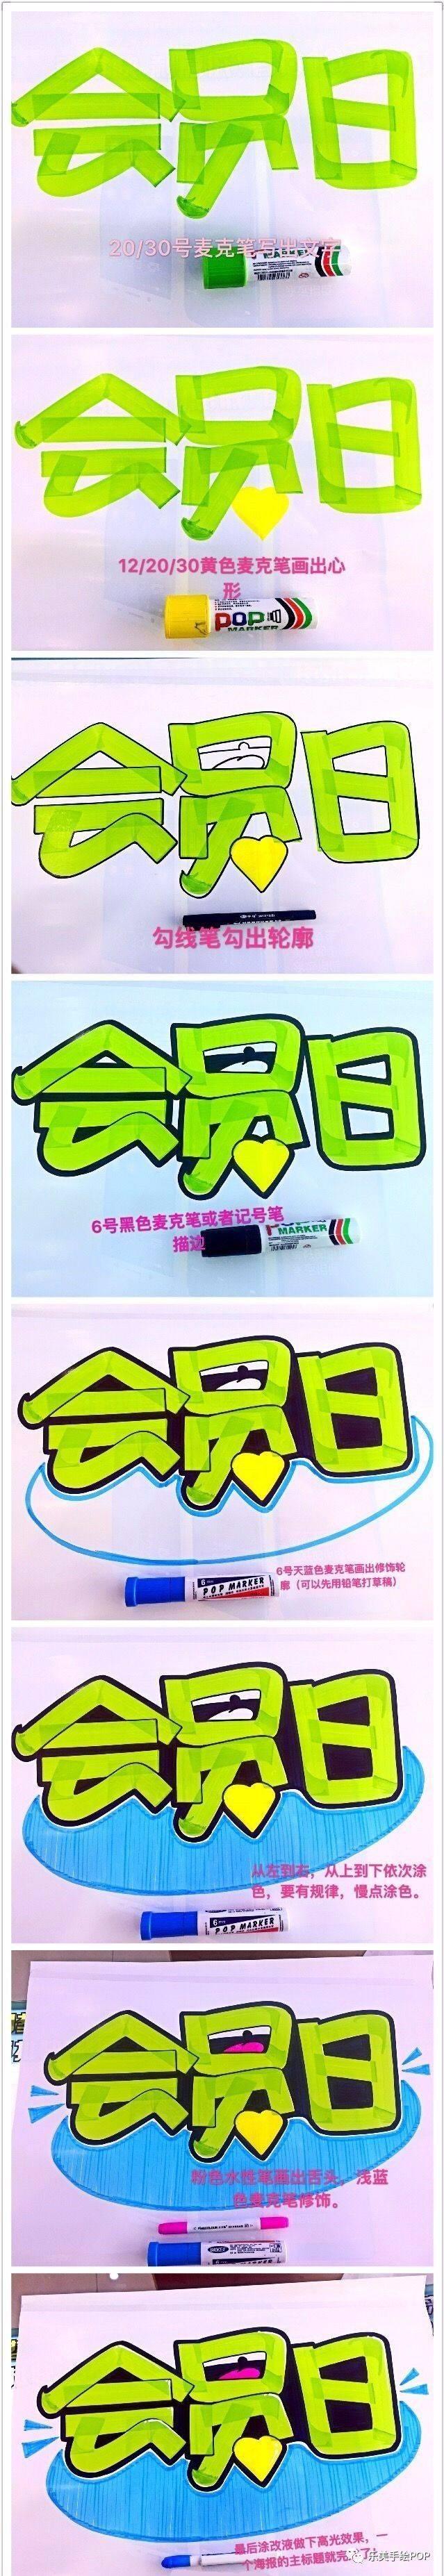 药店会员日 手绘pop海报